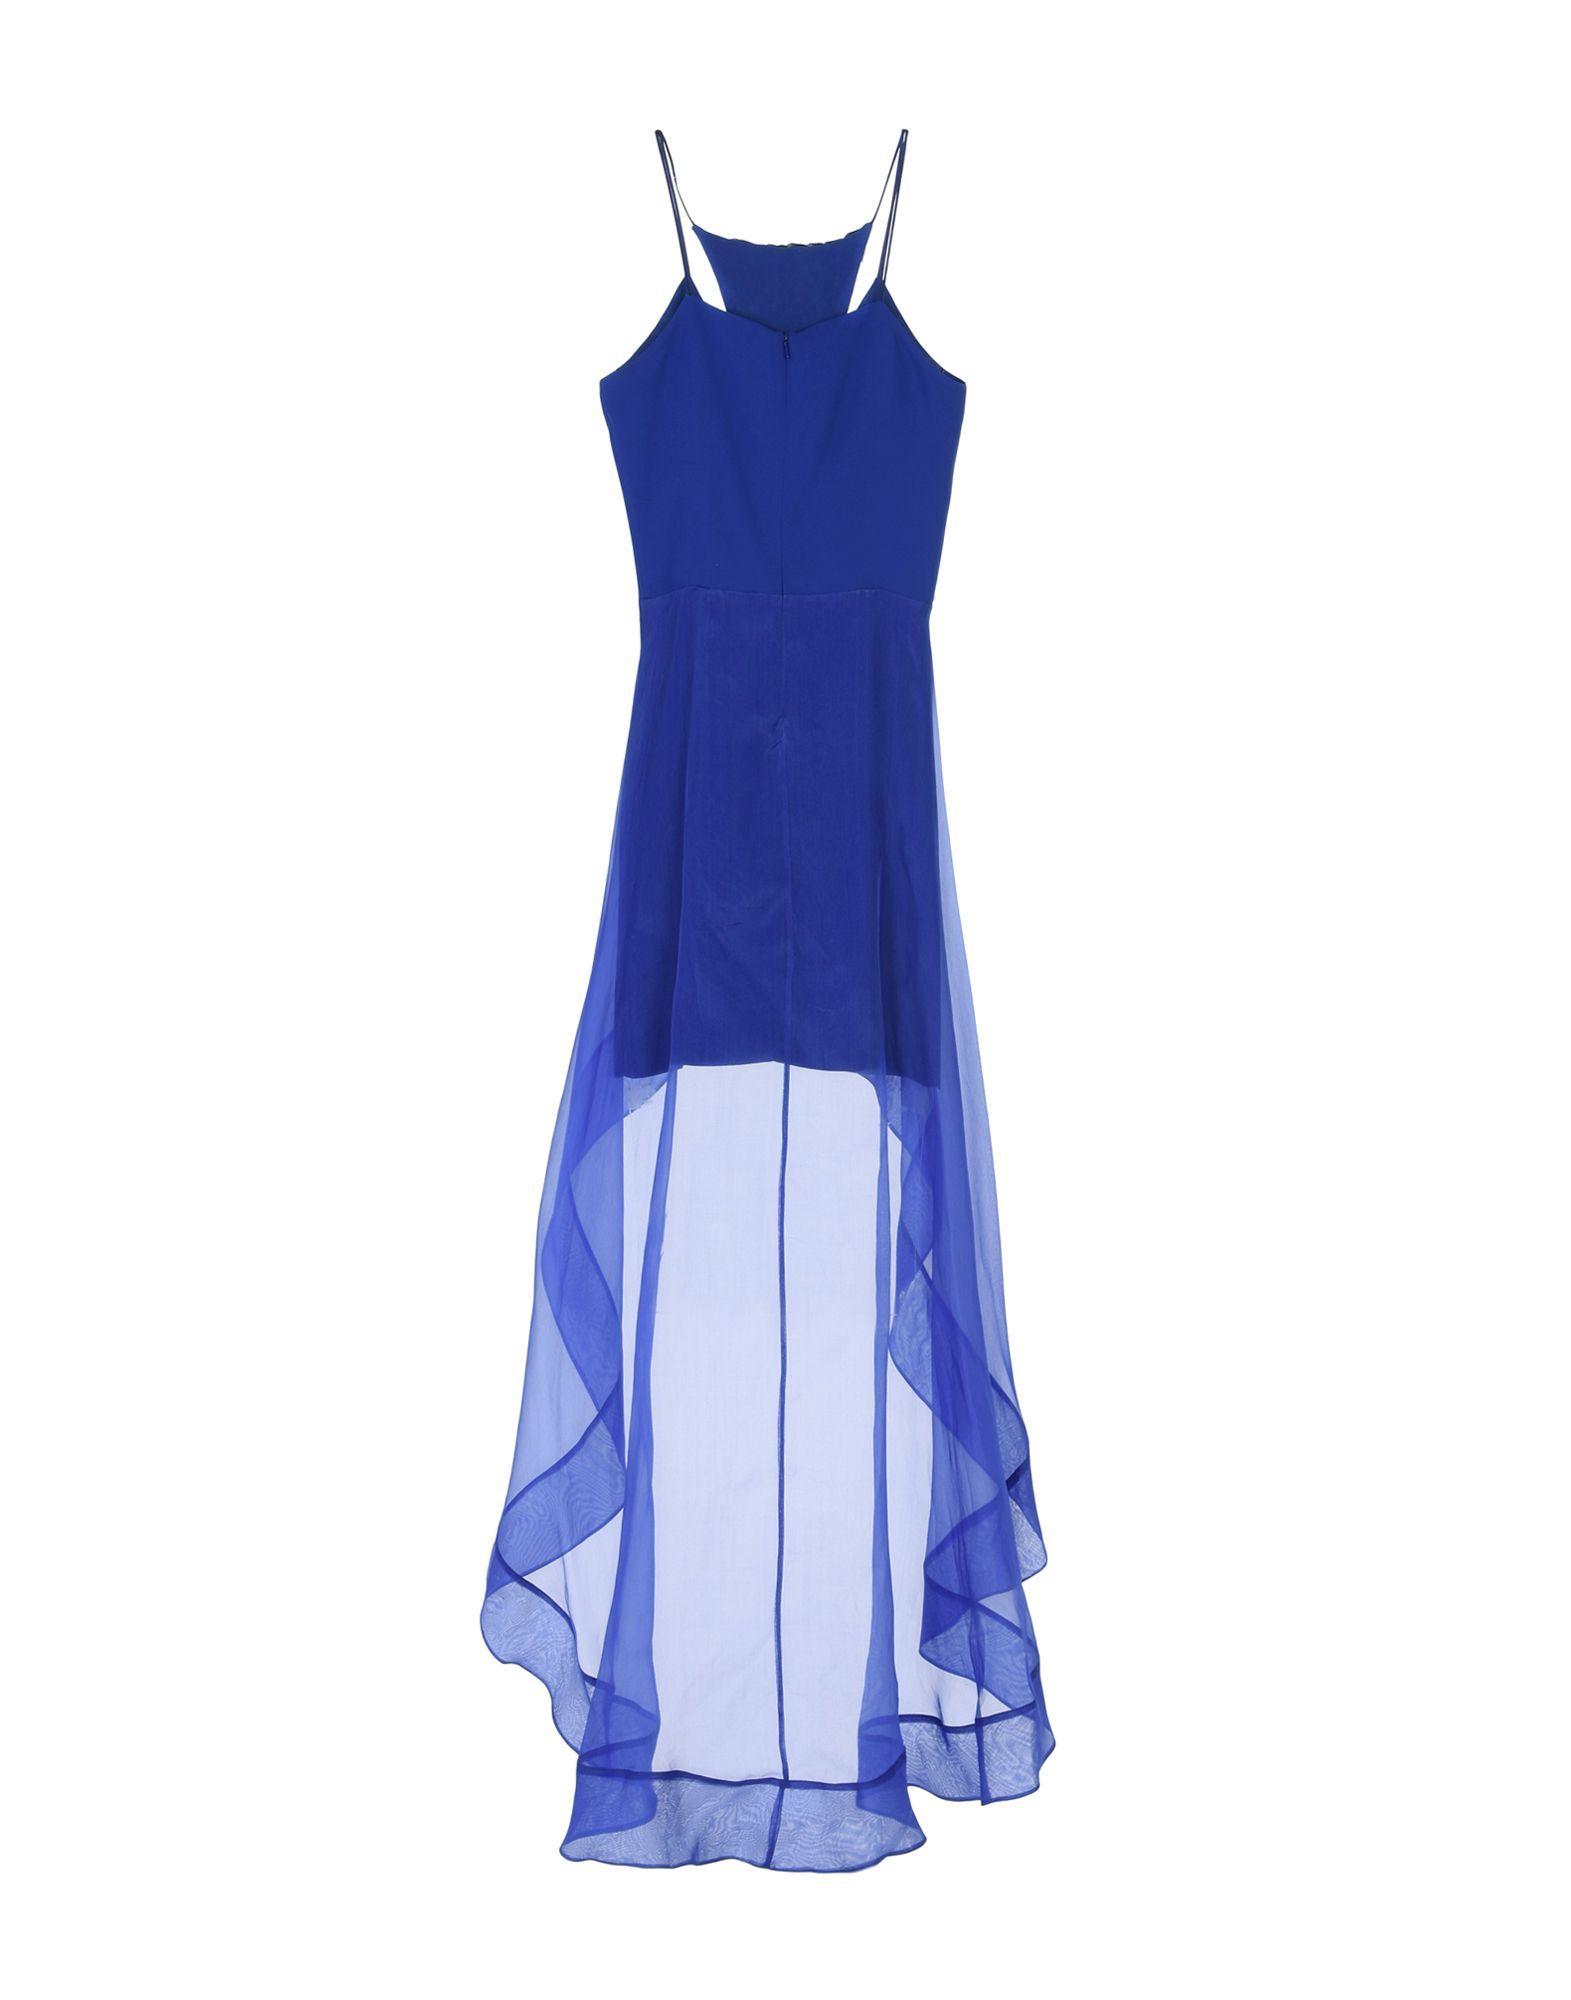 Hanita Blue Crepe Dress